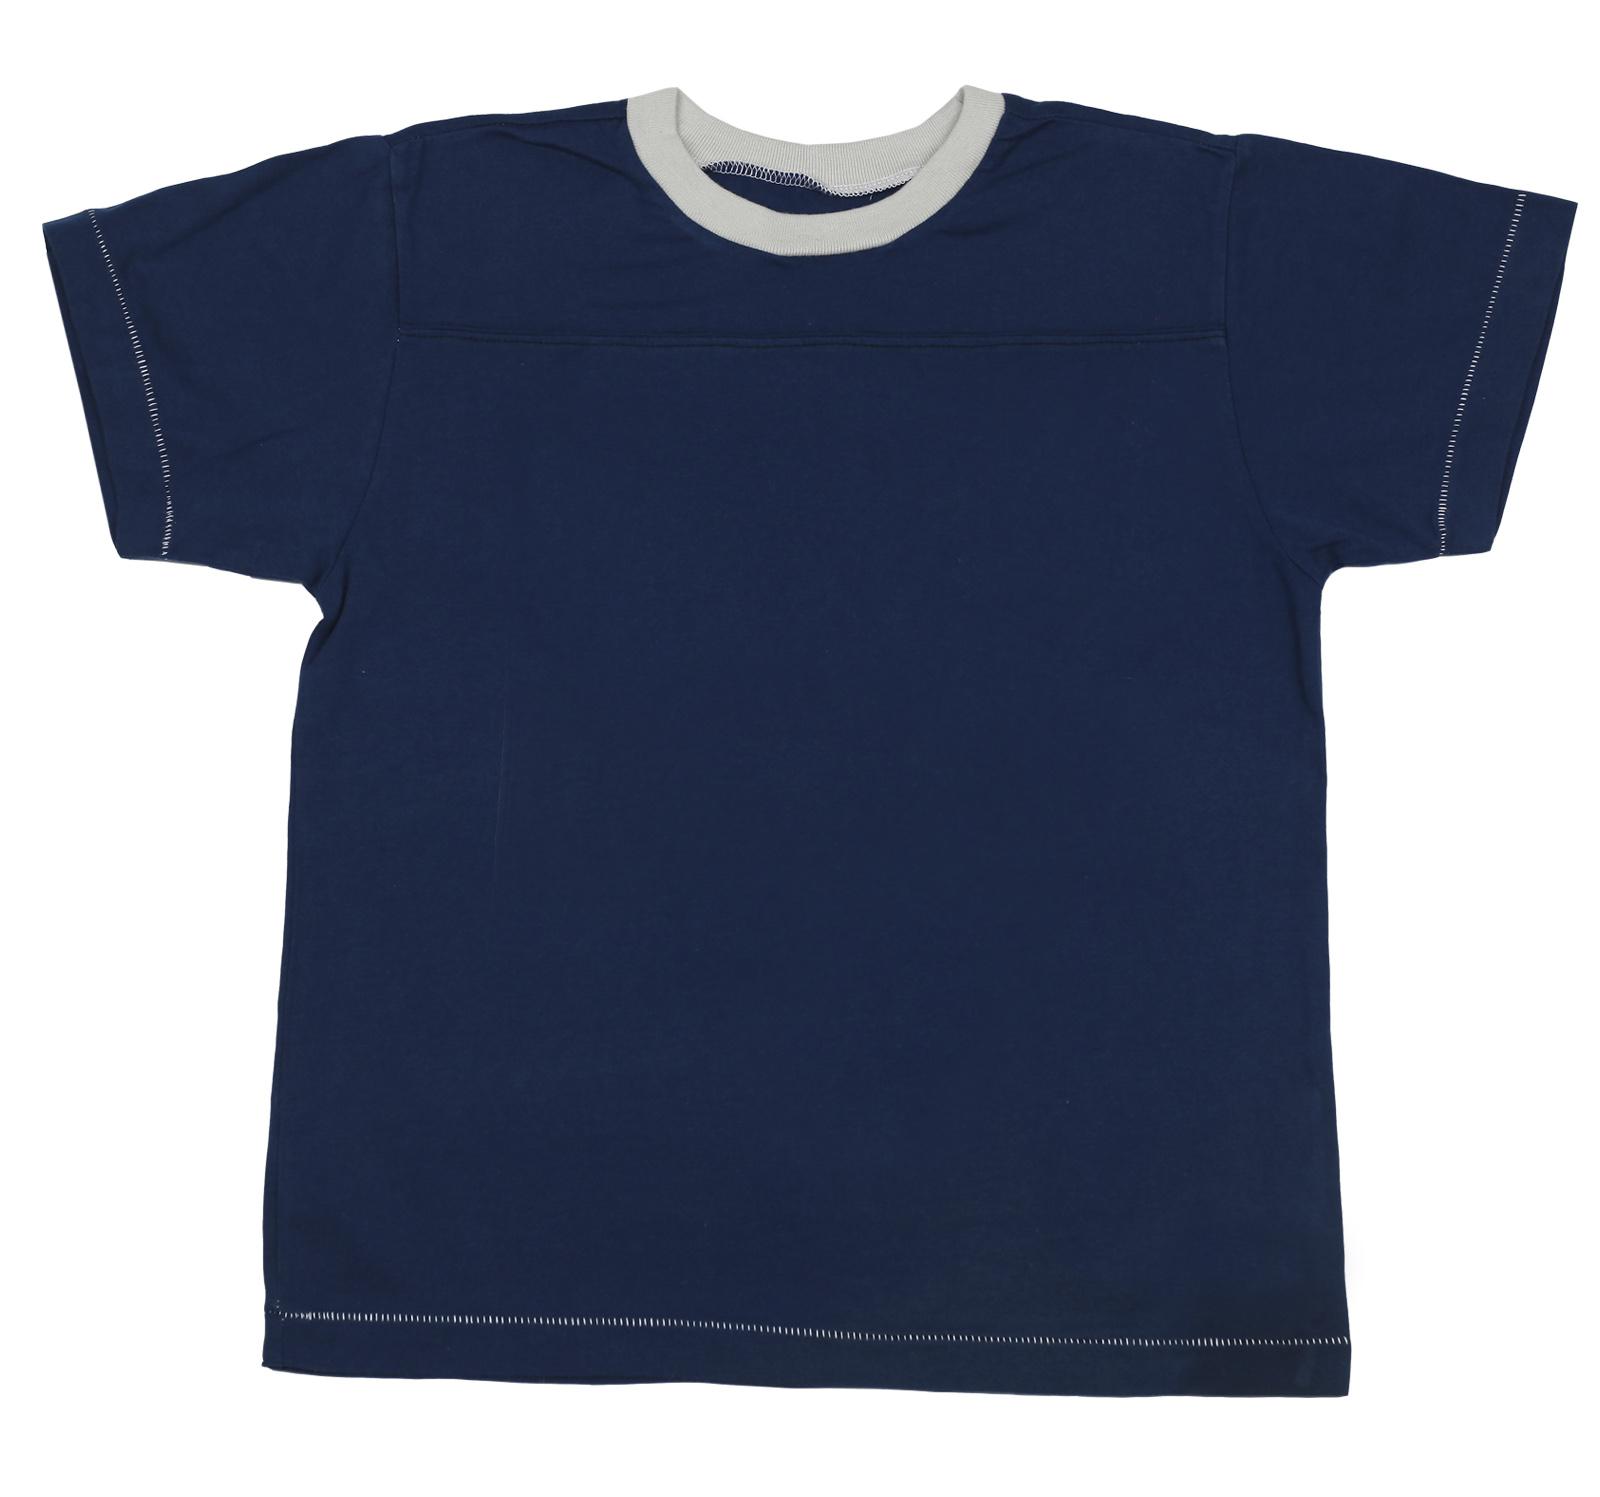 Синяя детская футболка из 100% хлопка